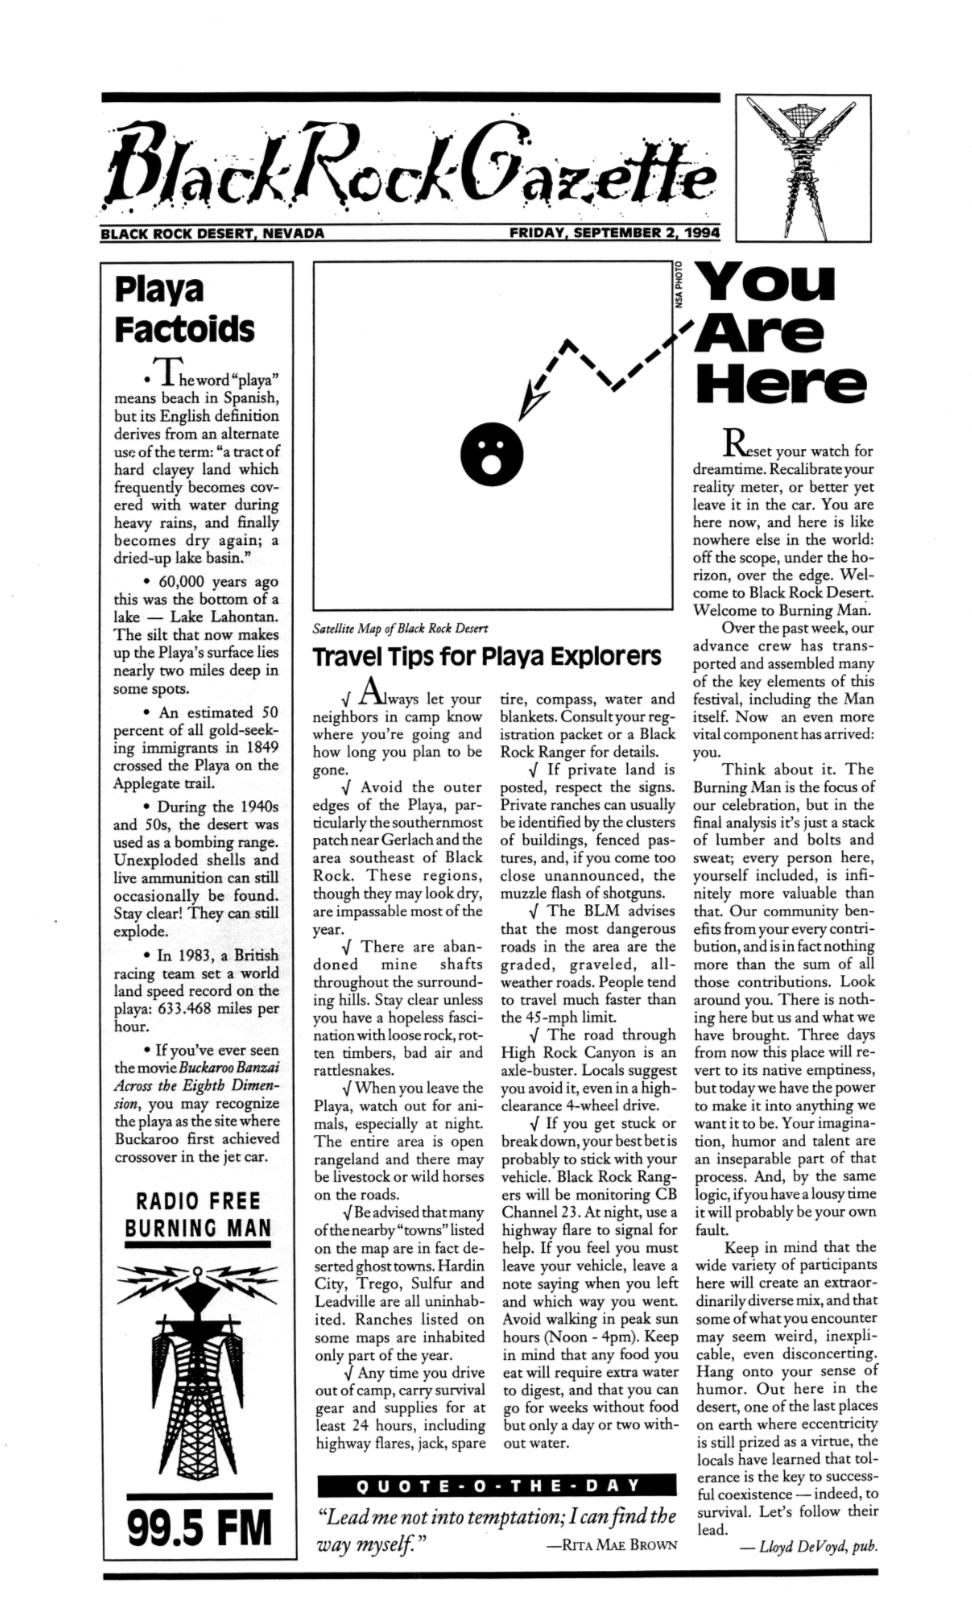 The Black Rock Gazette